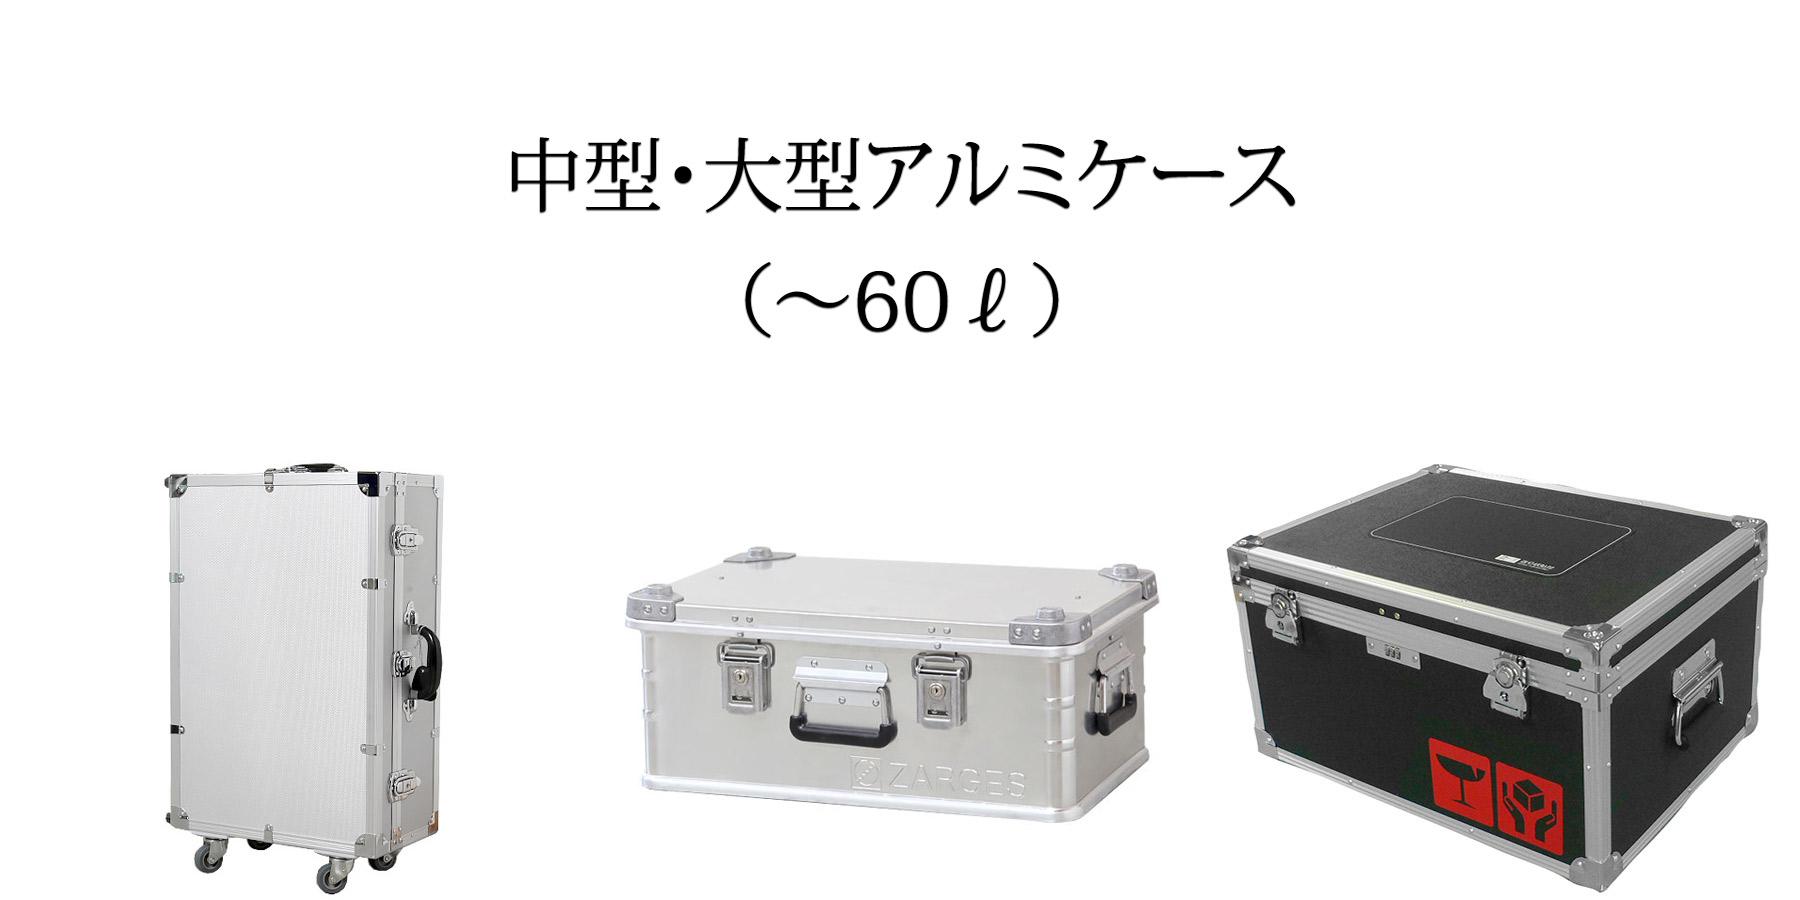 中型・大型アルミケース(~60ℓ)